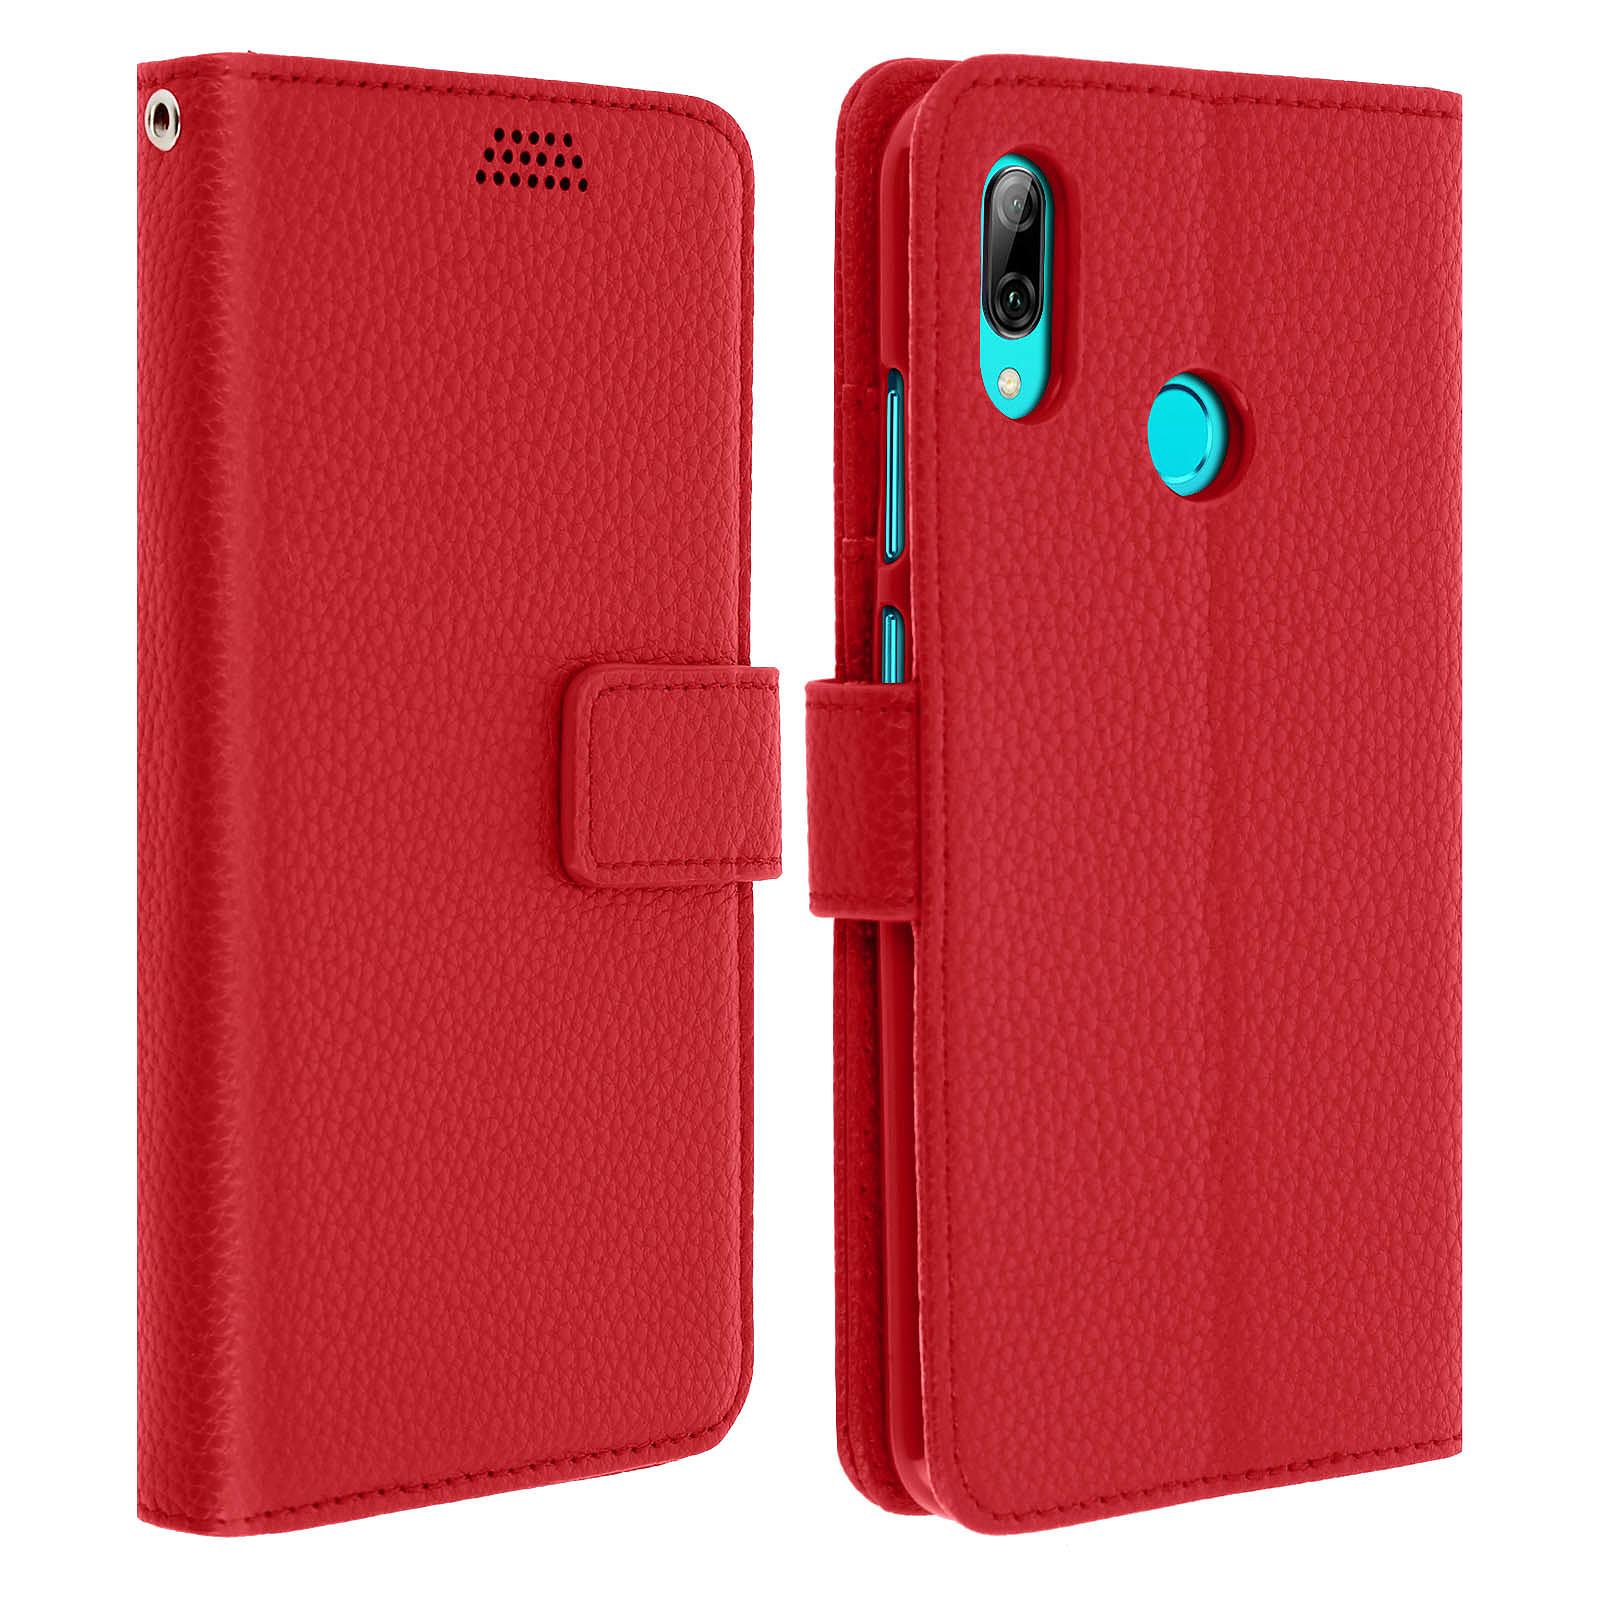 Avizar Etui folio Rouge Porte-Carte pour Huawei P Smart 2019 , Honor 10 Lite